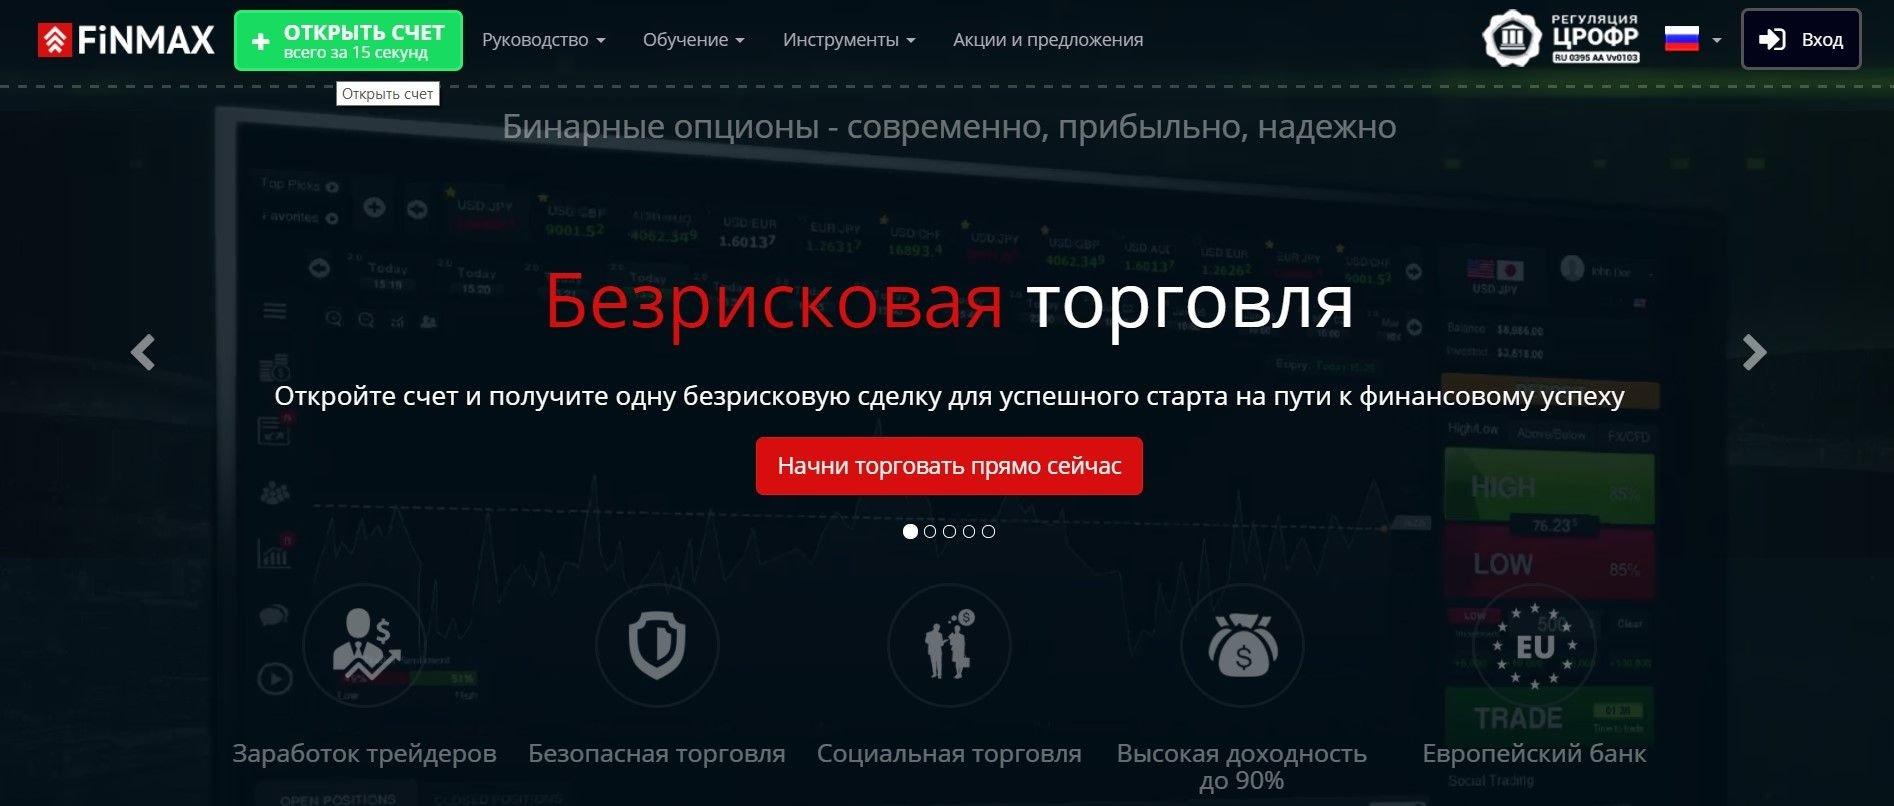 Надежный брокер FinMax на рынке бинарных опционов